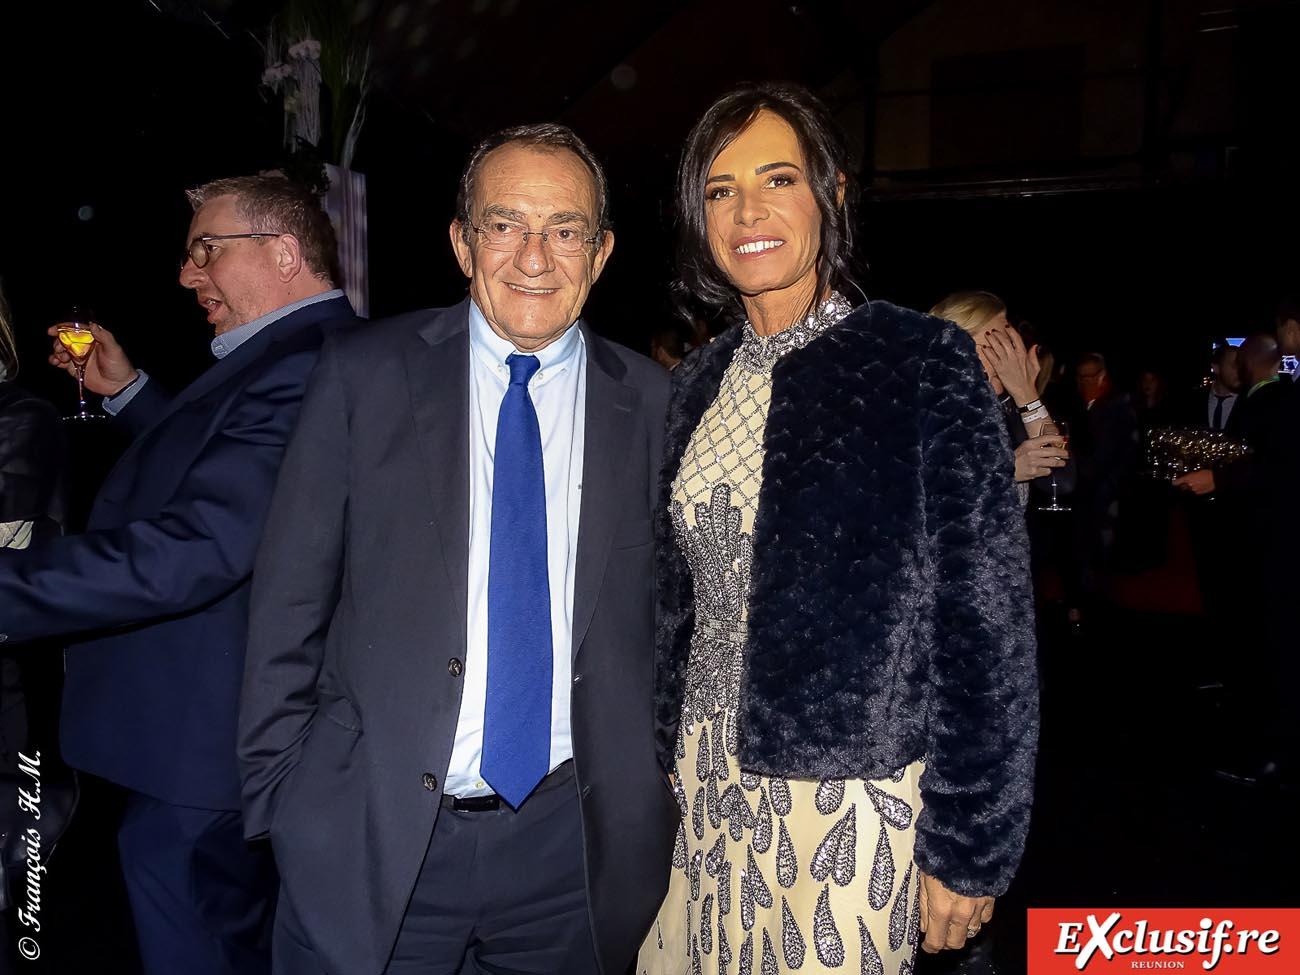 Jean-Pierre Pernault et son épouse Nathalie Marquay, ex-Miss France